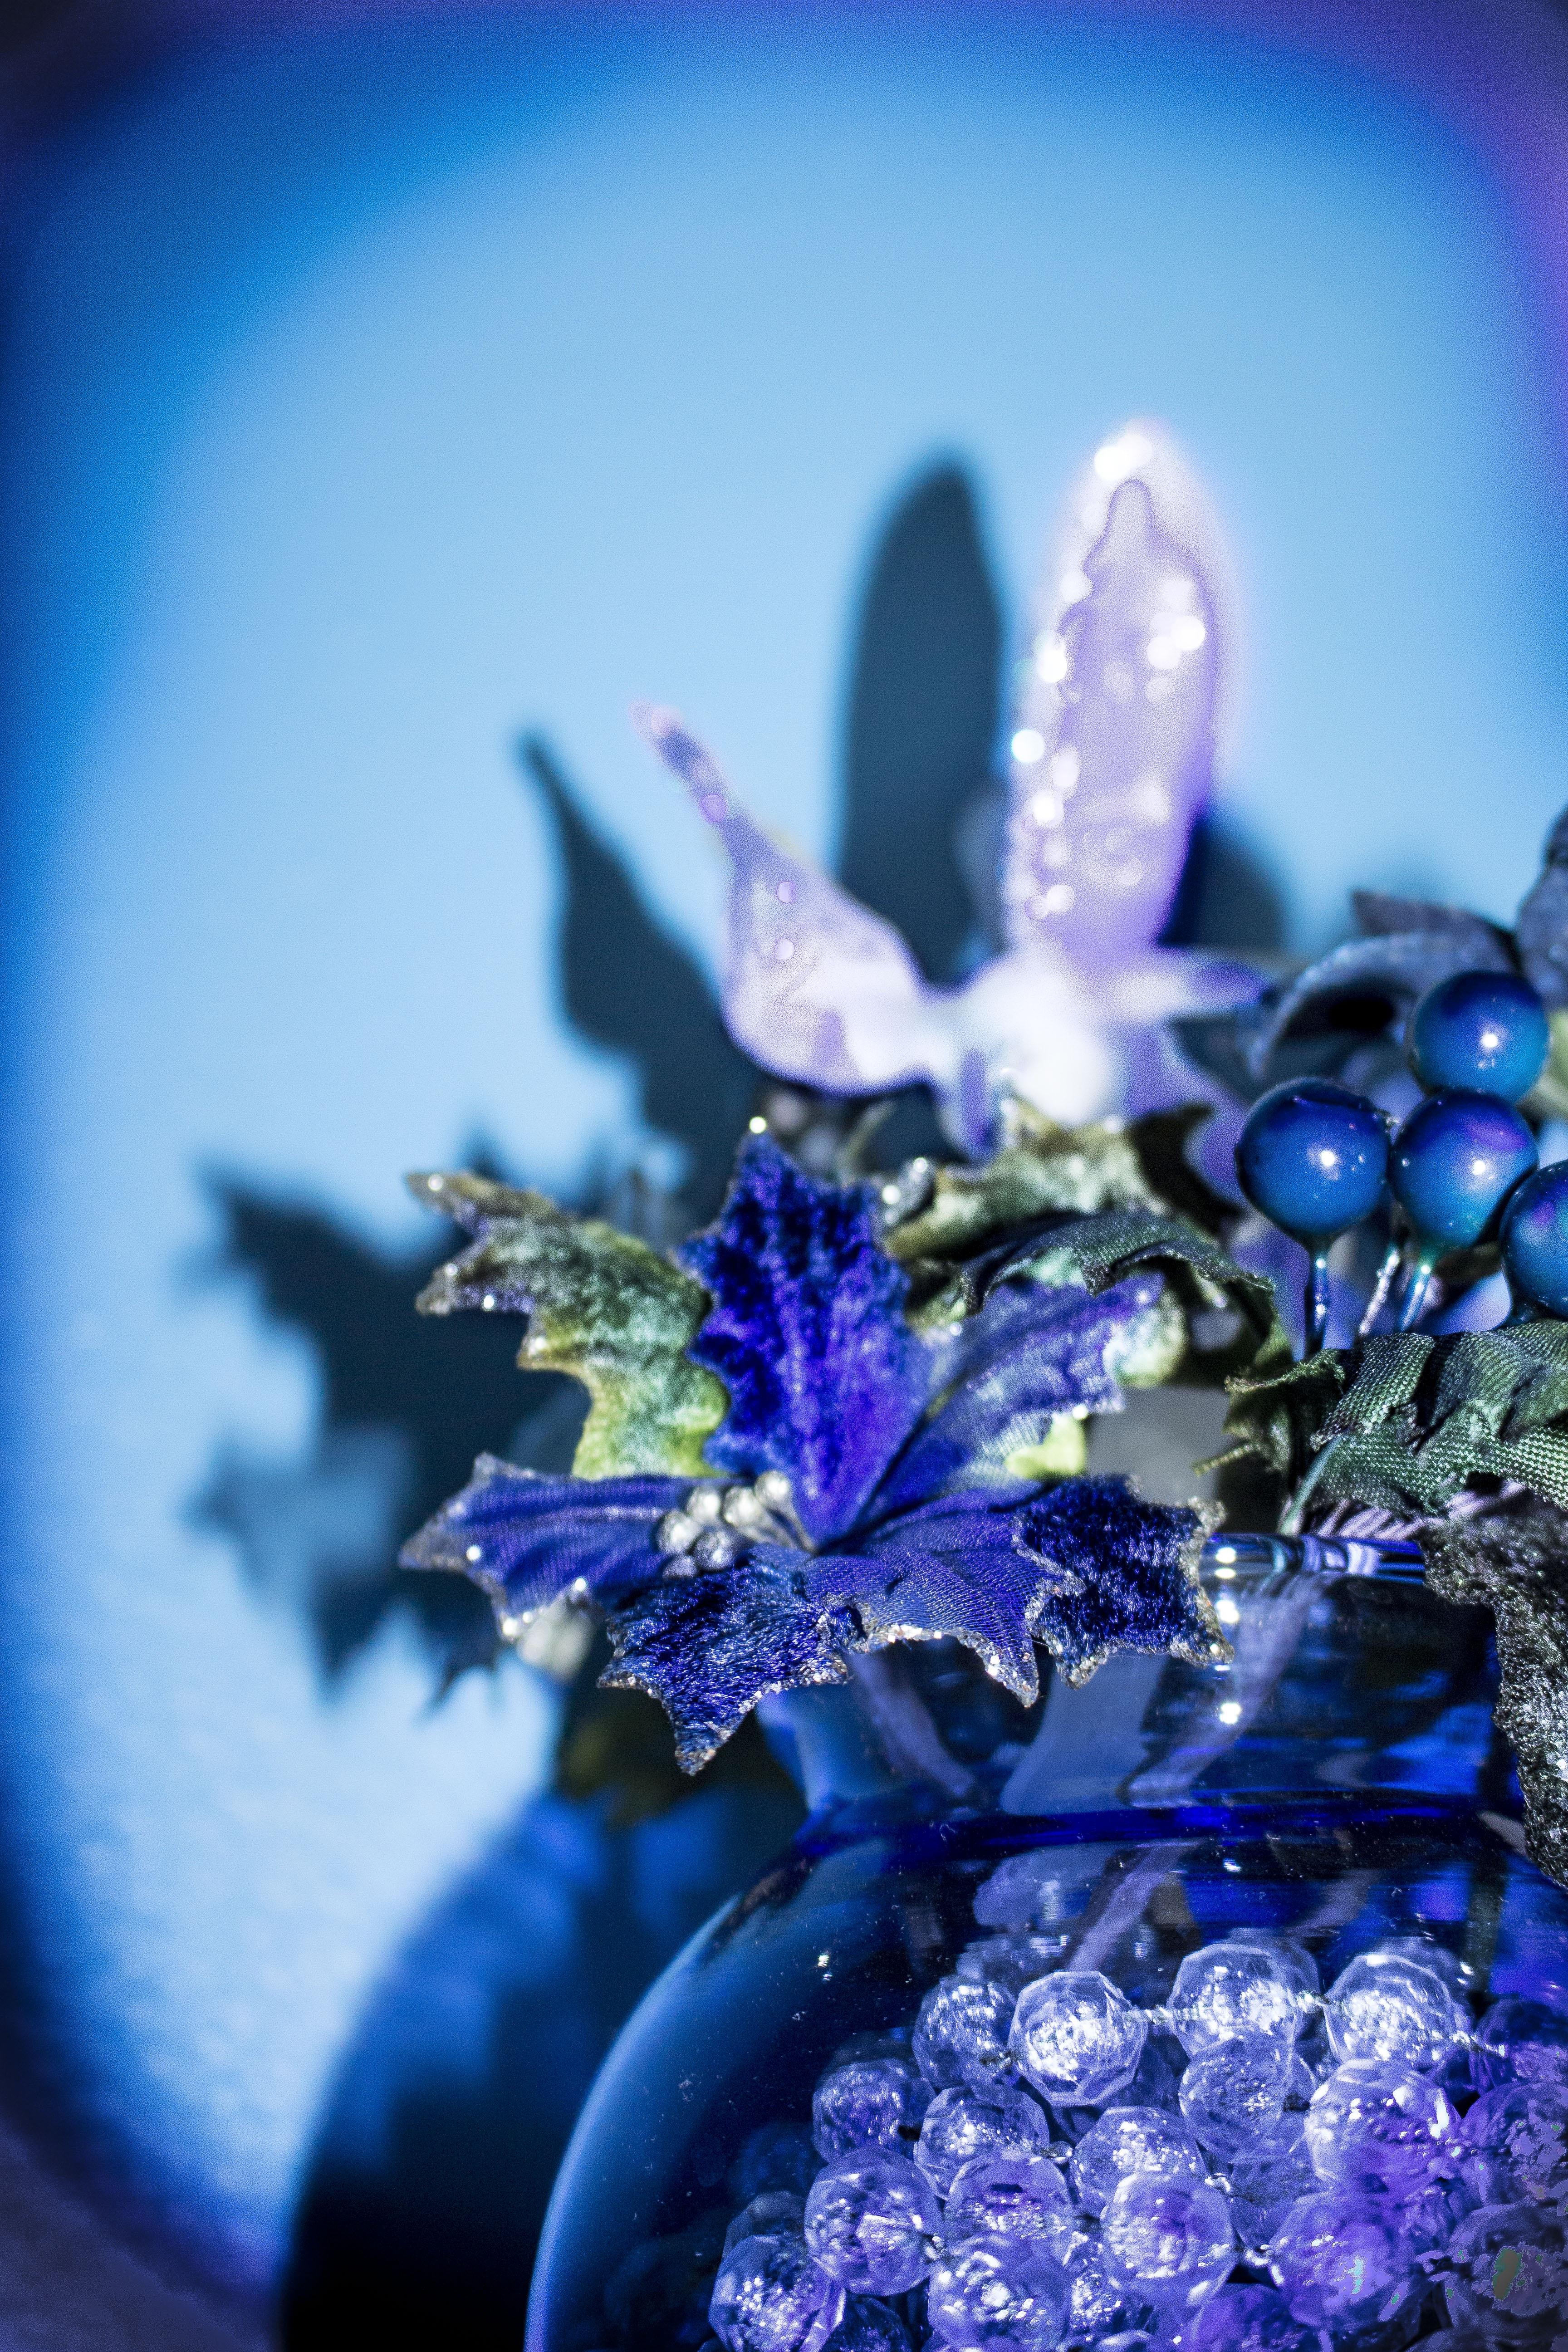 images gratuites fleur lumi re la photographie violet p tale couleur bleu no l d cor. Black Bedroom Furniture Sets. Home Design Ideas